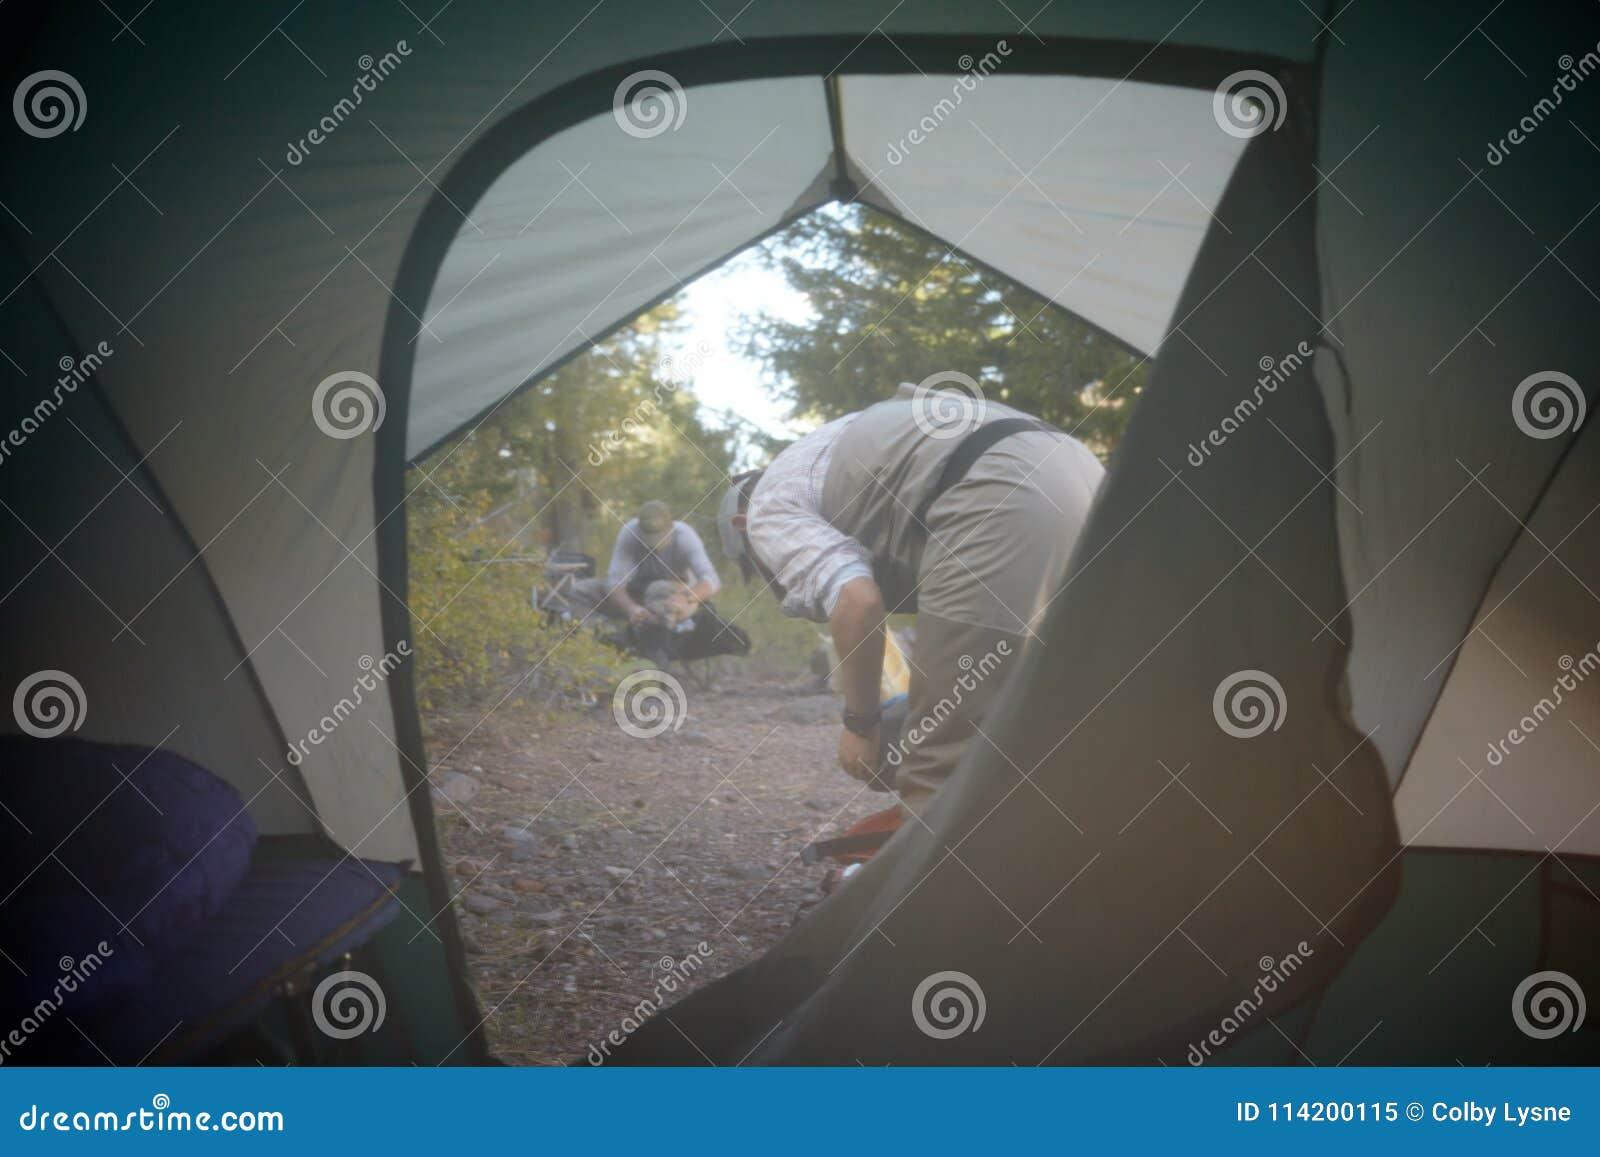 Взгляд через щиток шатра людей в месте для лагеря